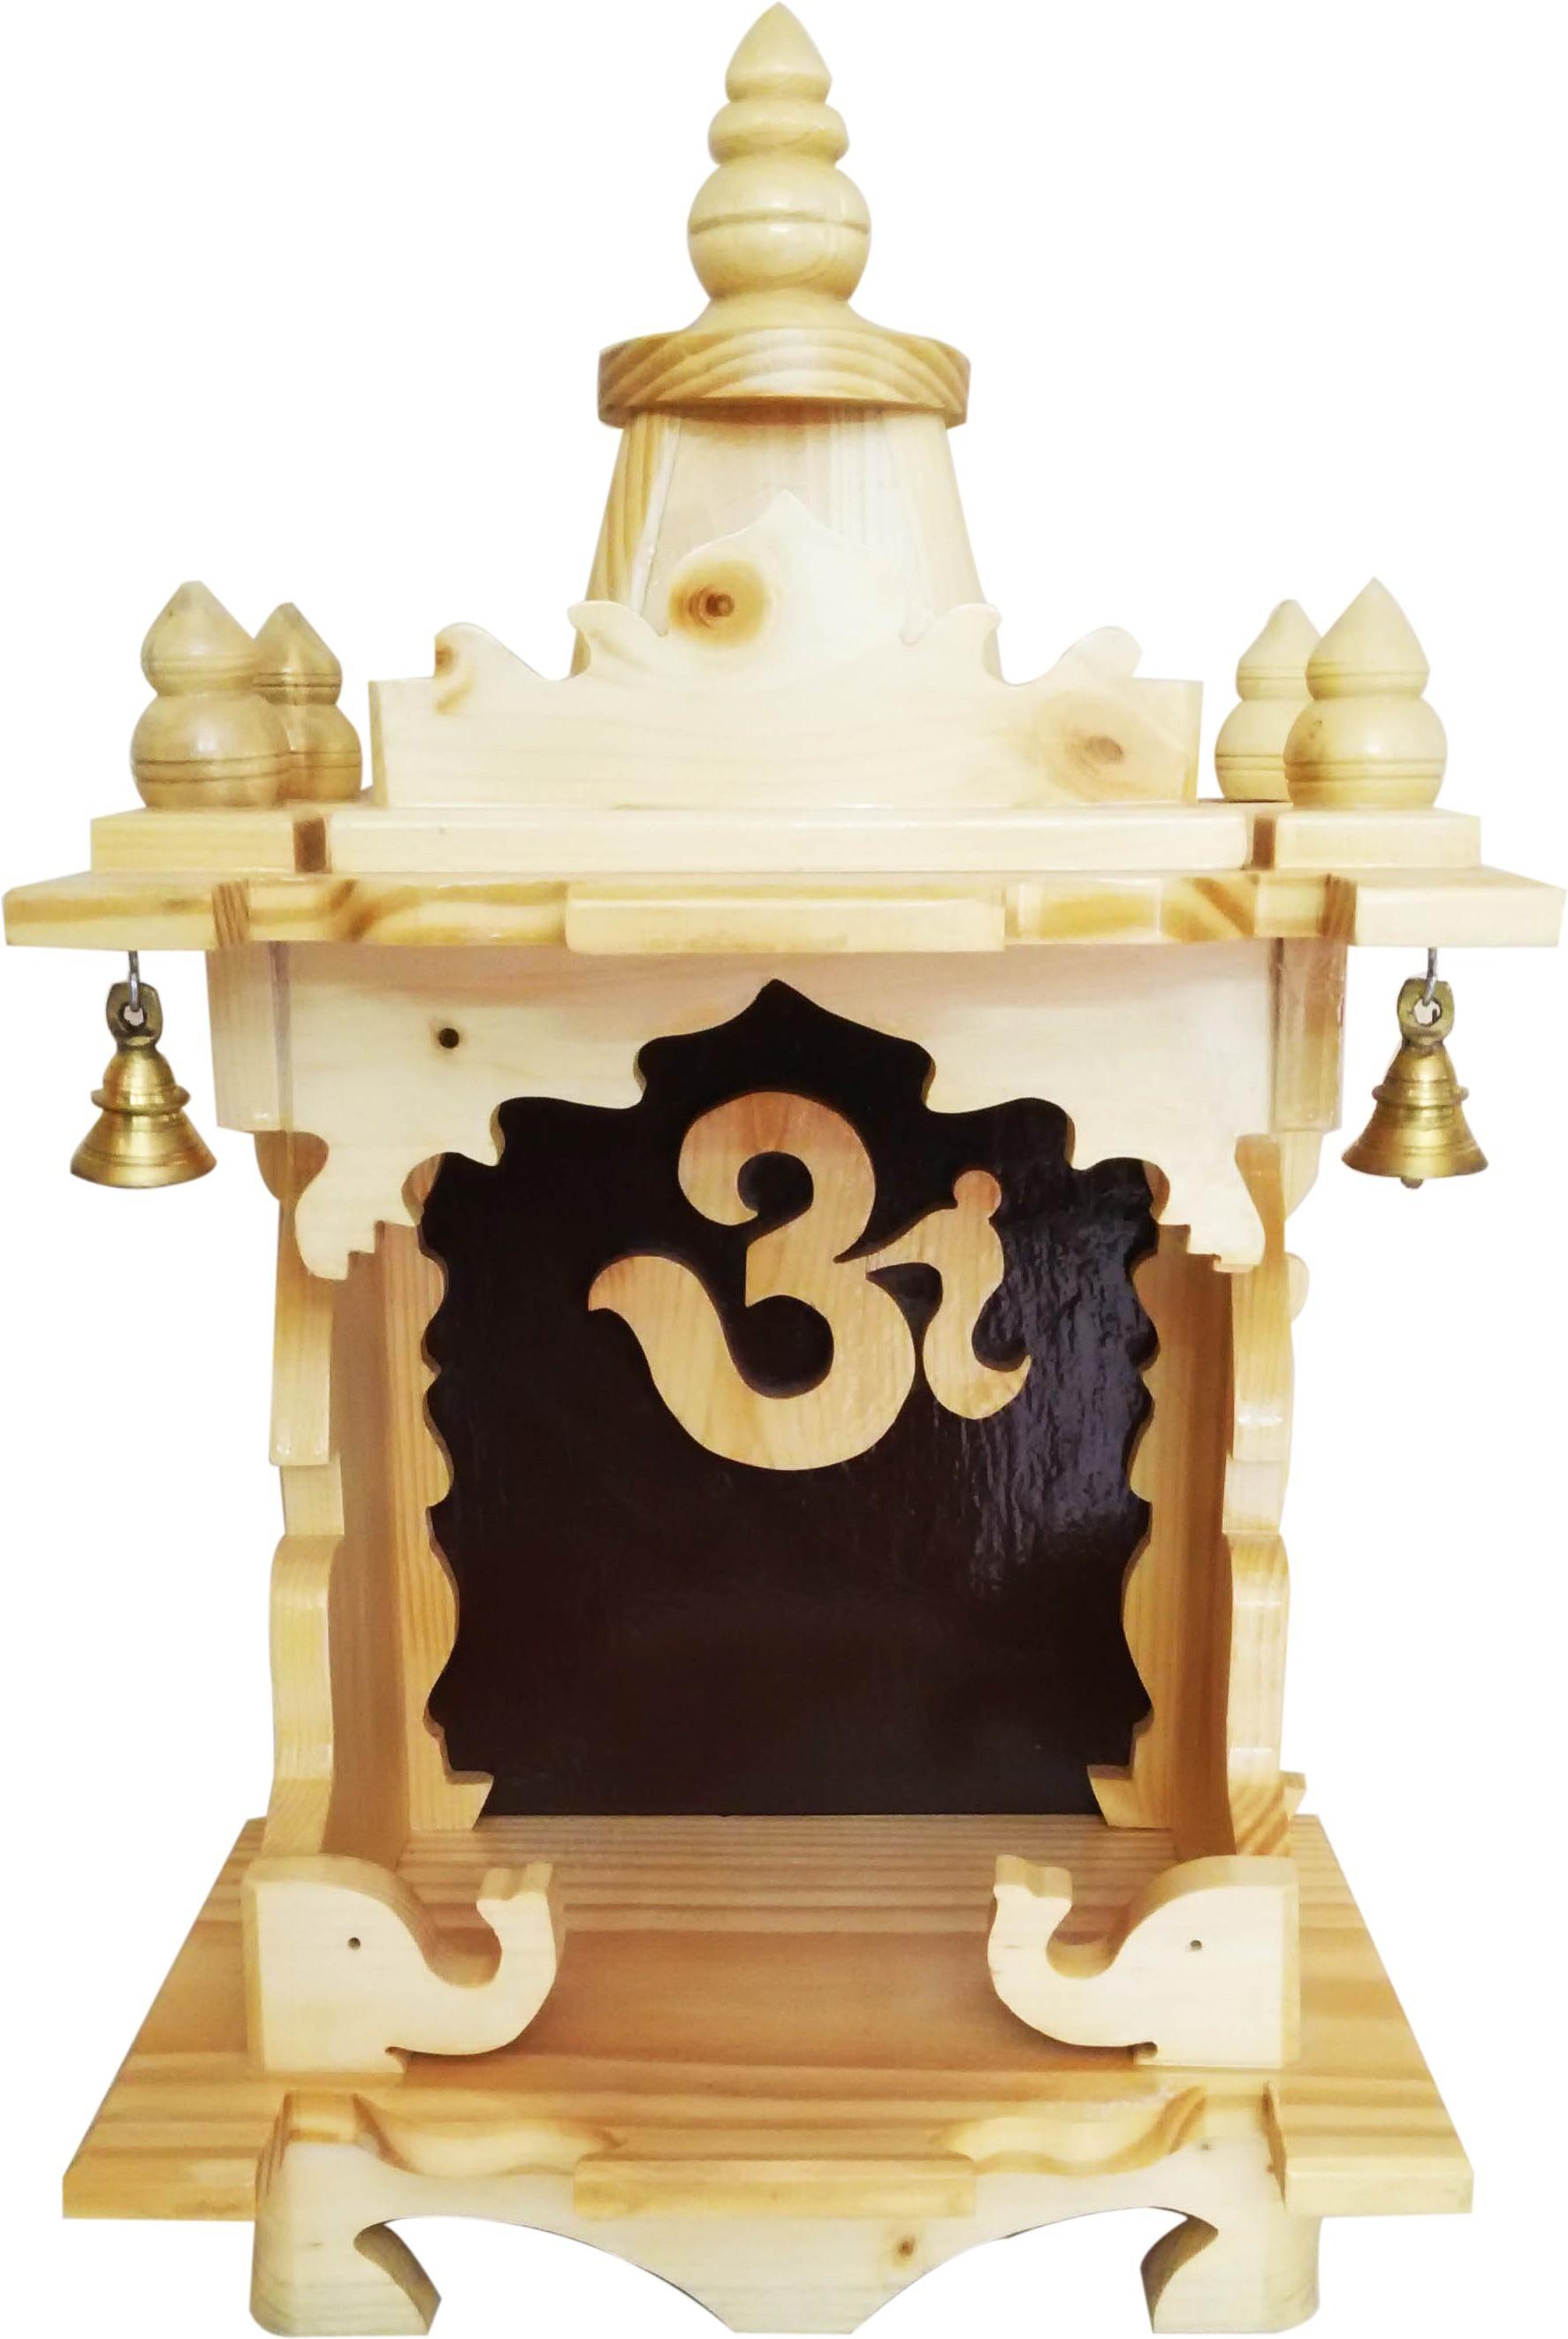 Swarnadaru Pooja Mandir Wooden Home Temple